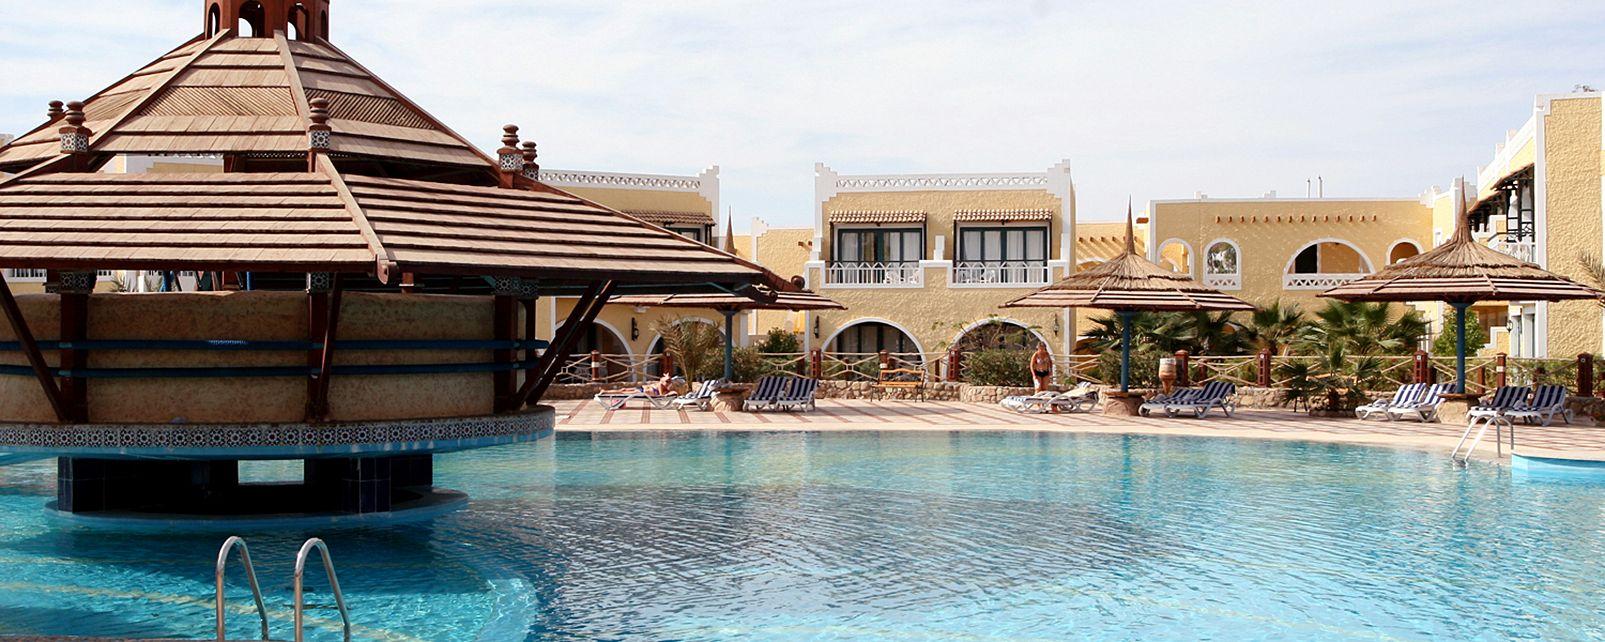 Hotel Faraana Hotel